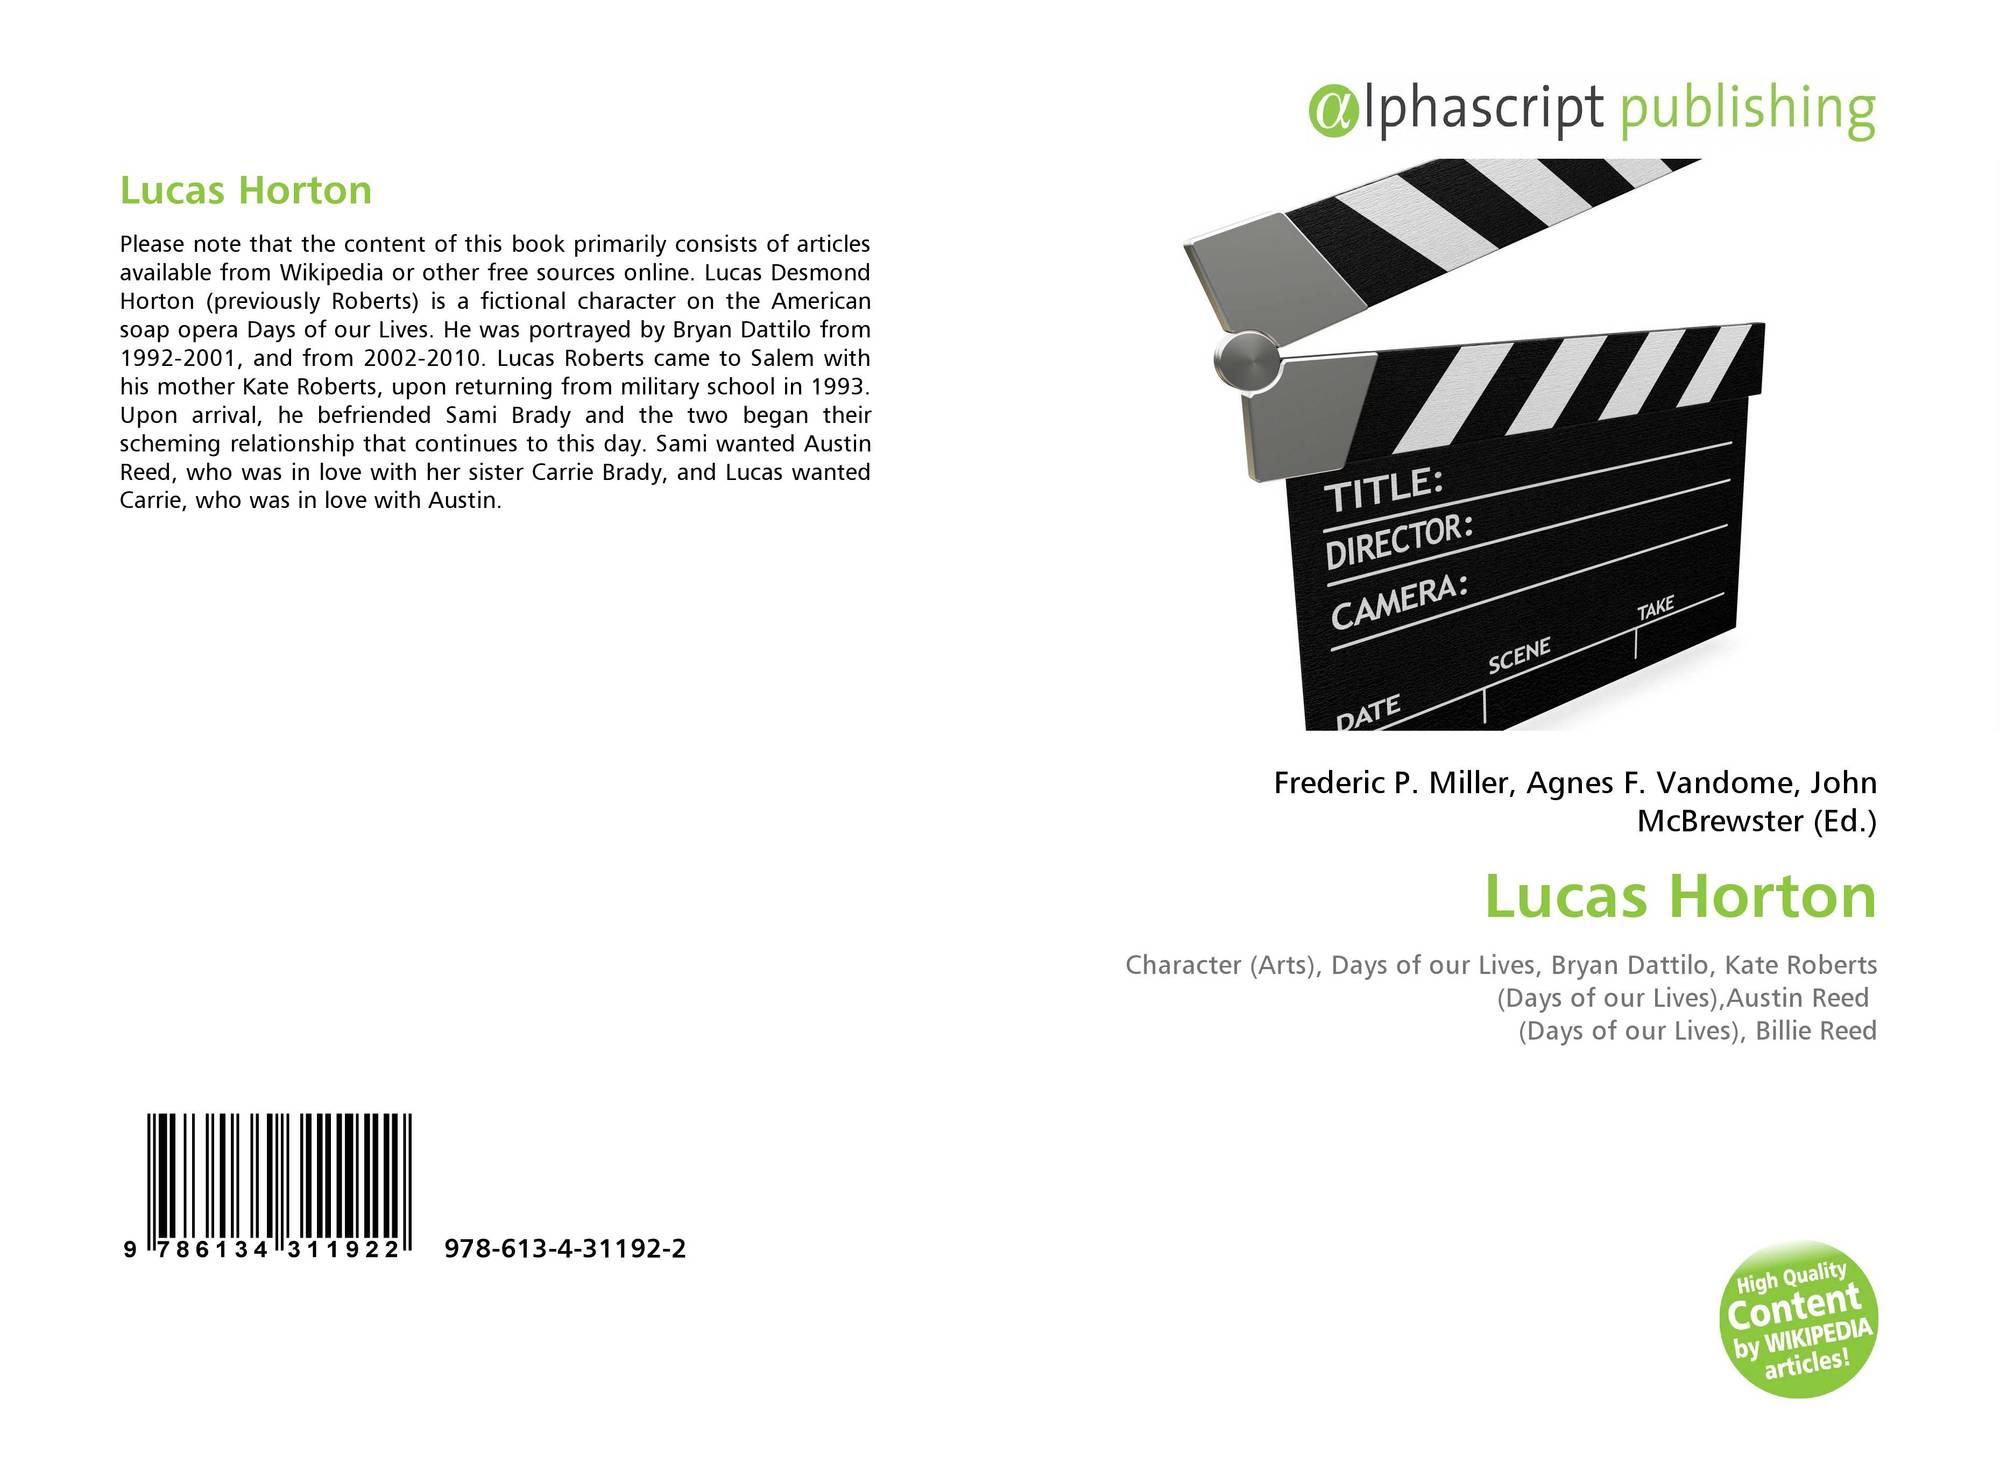 Lucas Horton 978 613 4 31192 2 6134311928 9786134311922